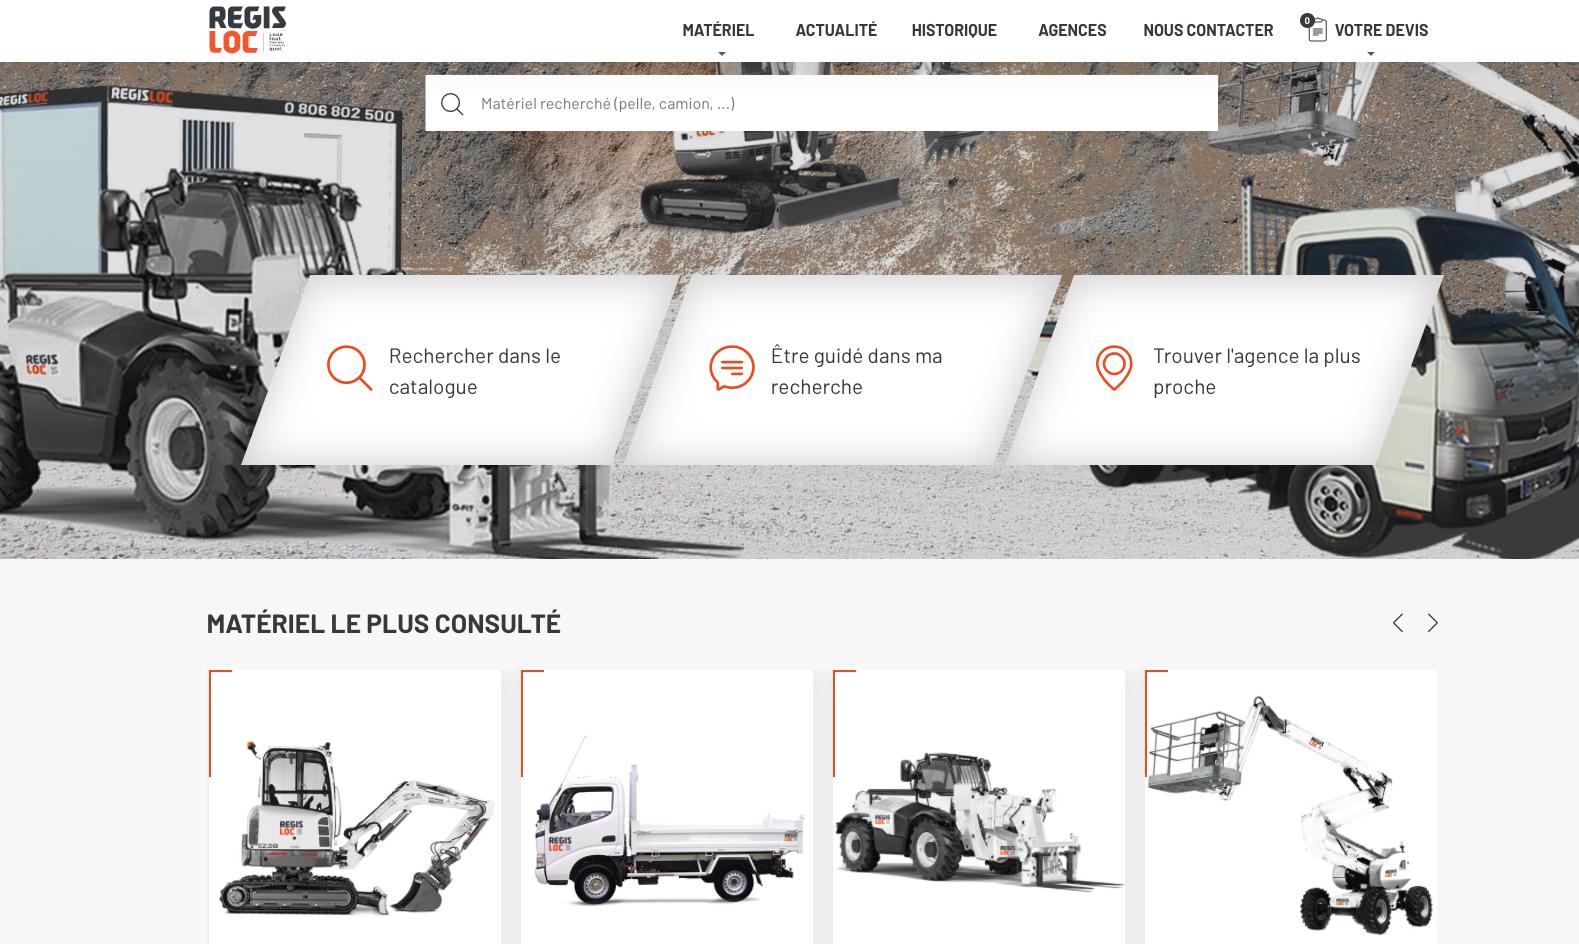 Nouveau site internet REGIS LOC